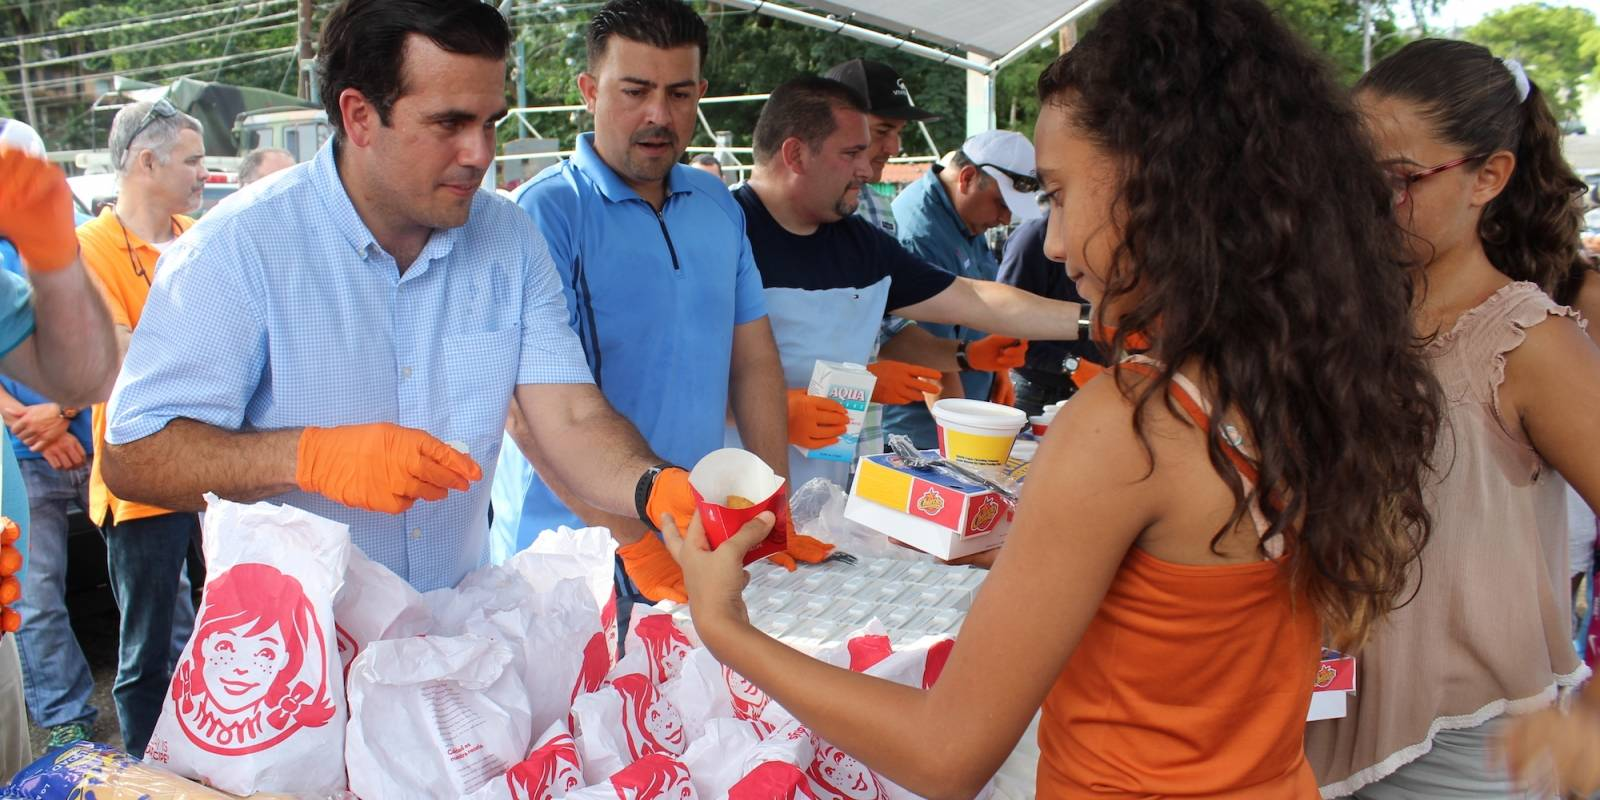 Durante su visita a Utuado, el gobernador Rosselló y el alcalde de Utuado, Ernesto Irizarry, repartieron comida a los ciudadanos que se dieron cita en las afueras de las instalaciones municipales de la Agencia Estatal para el Manejo de Emergencias. / David Cordero Mercado